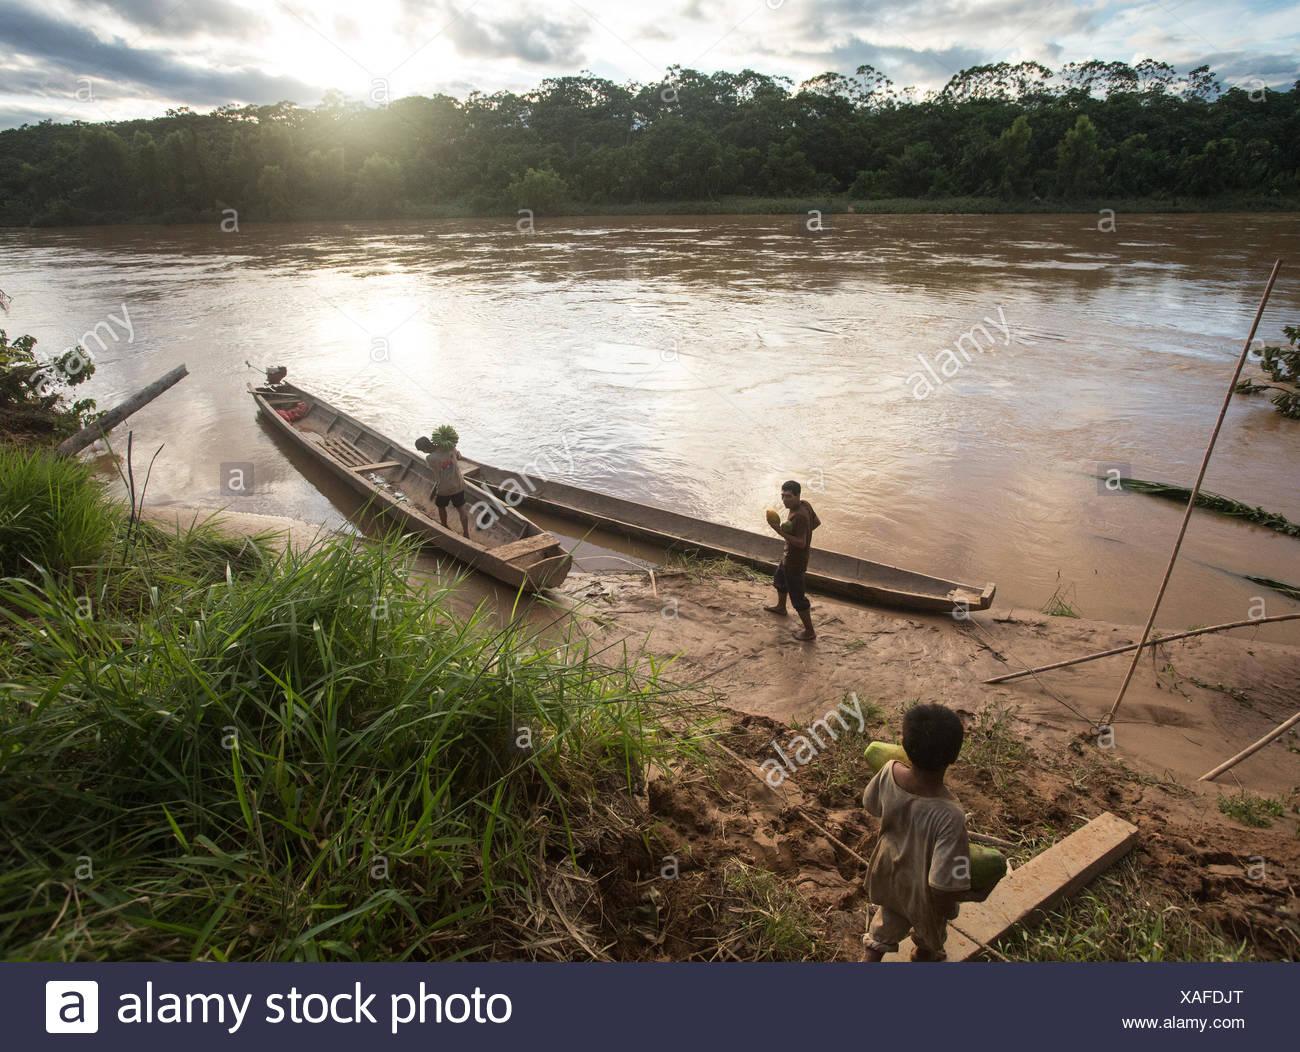 Tsimane approche les gens un canoë pour transporter des marchandises sur le fleuve Maniqui, près de l'Anachere, dans la forêt amazonienne, en Bolivie. Photo Stock